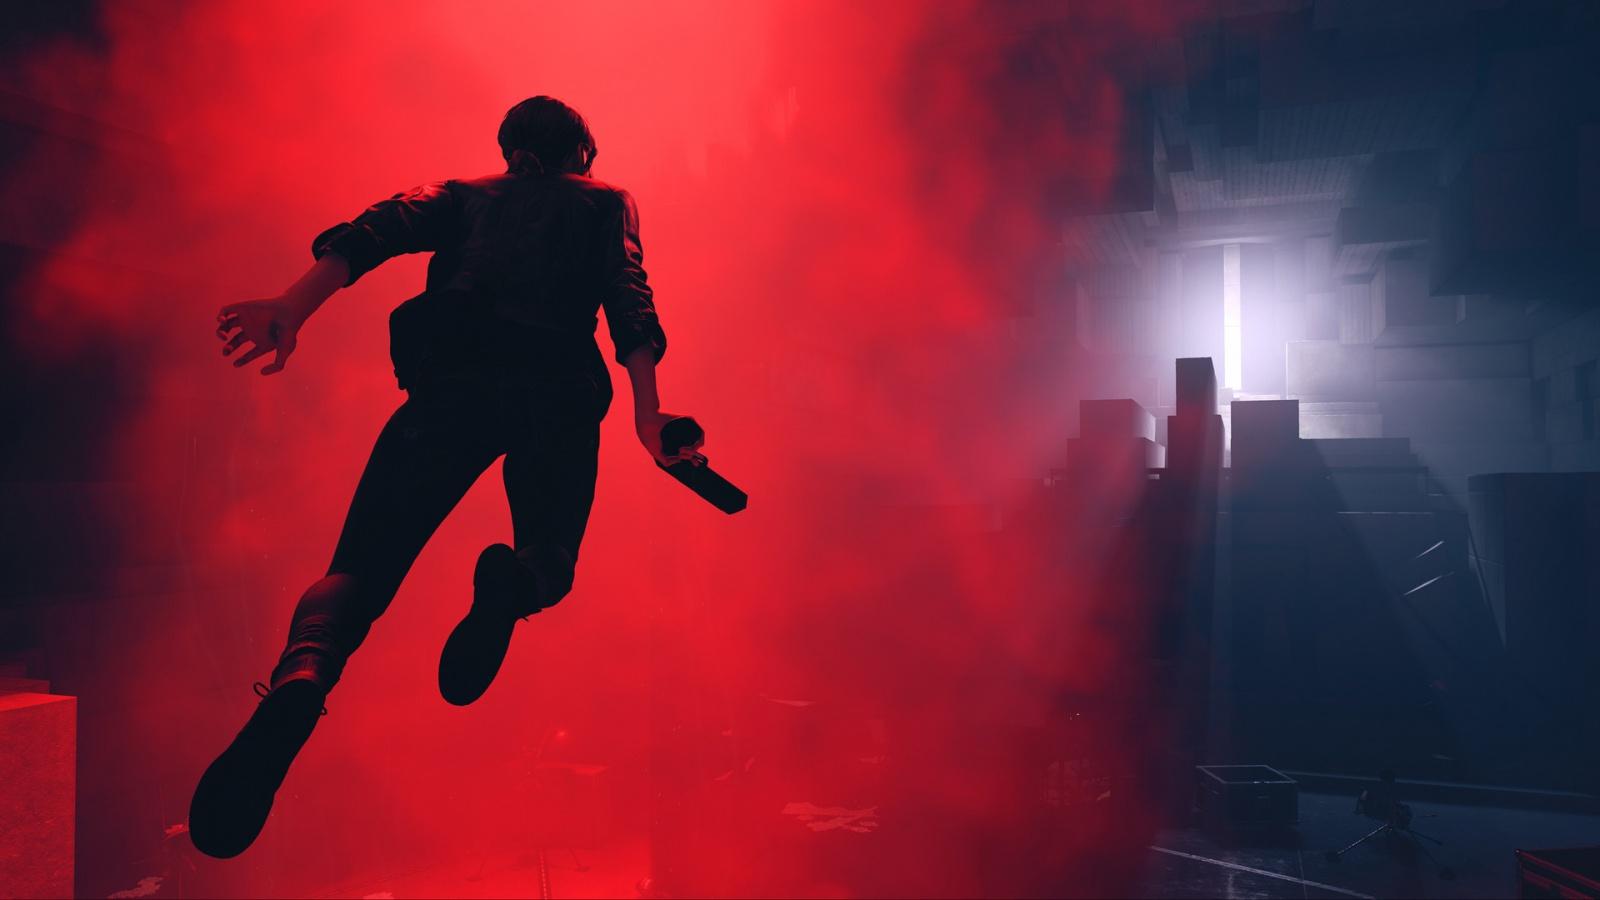 Нарратив и «подземелья»: как геймдизайнеру связать локации с сюжетом - 1